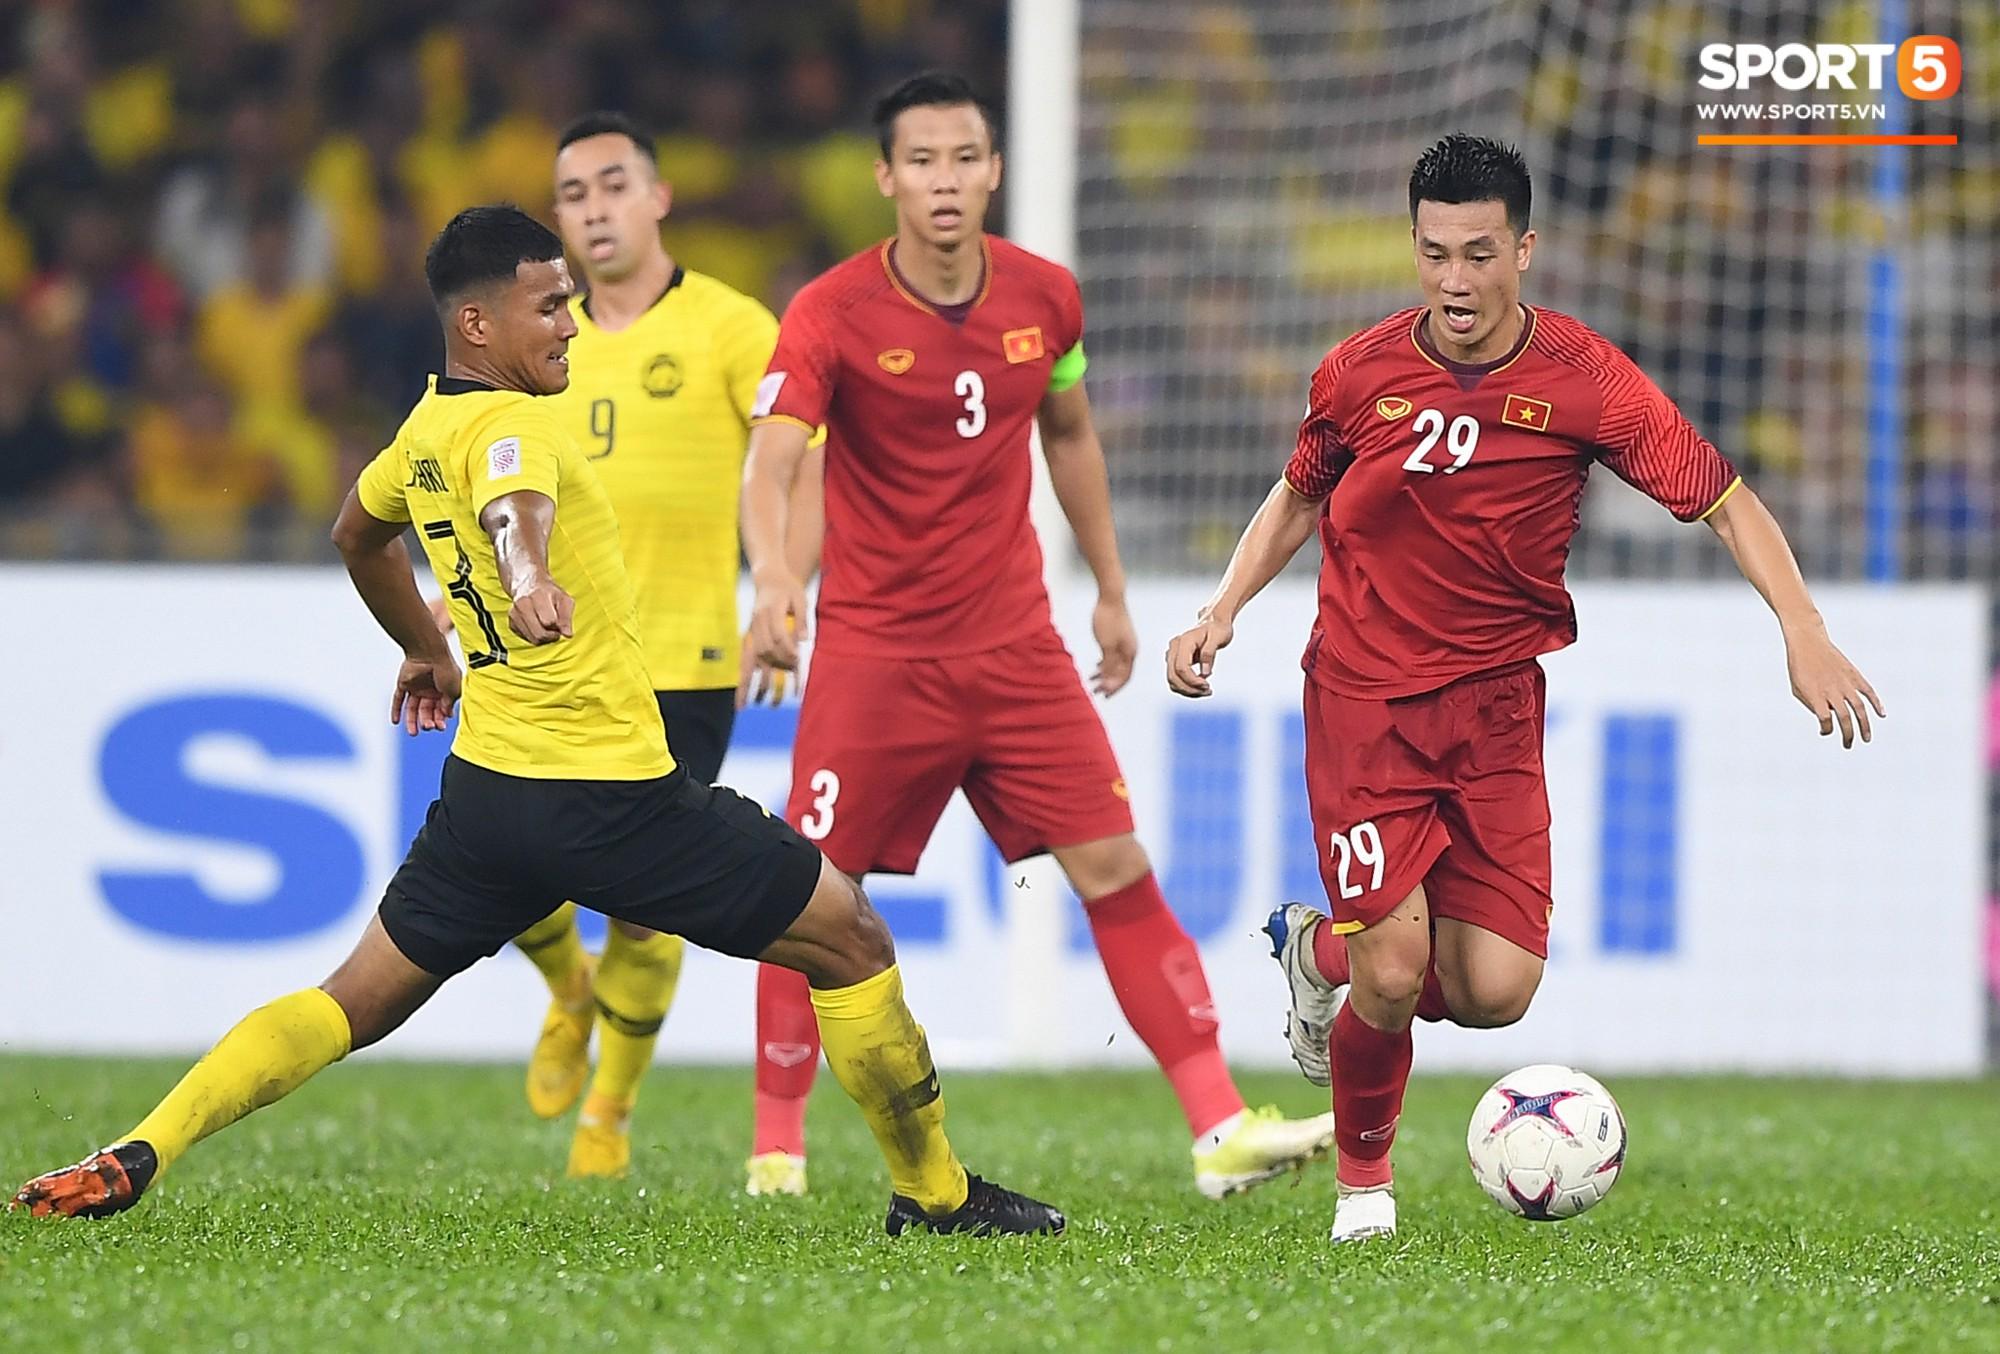 Báo châu Á chỉ ra lý do vì sao đội tuyển Việt Nam không thể giành chiến thắng tại trận chung kết AFF Cup 2018 3